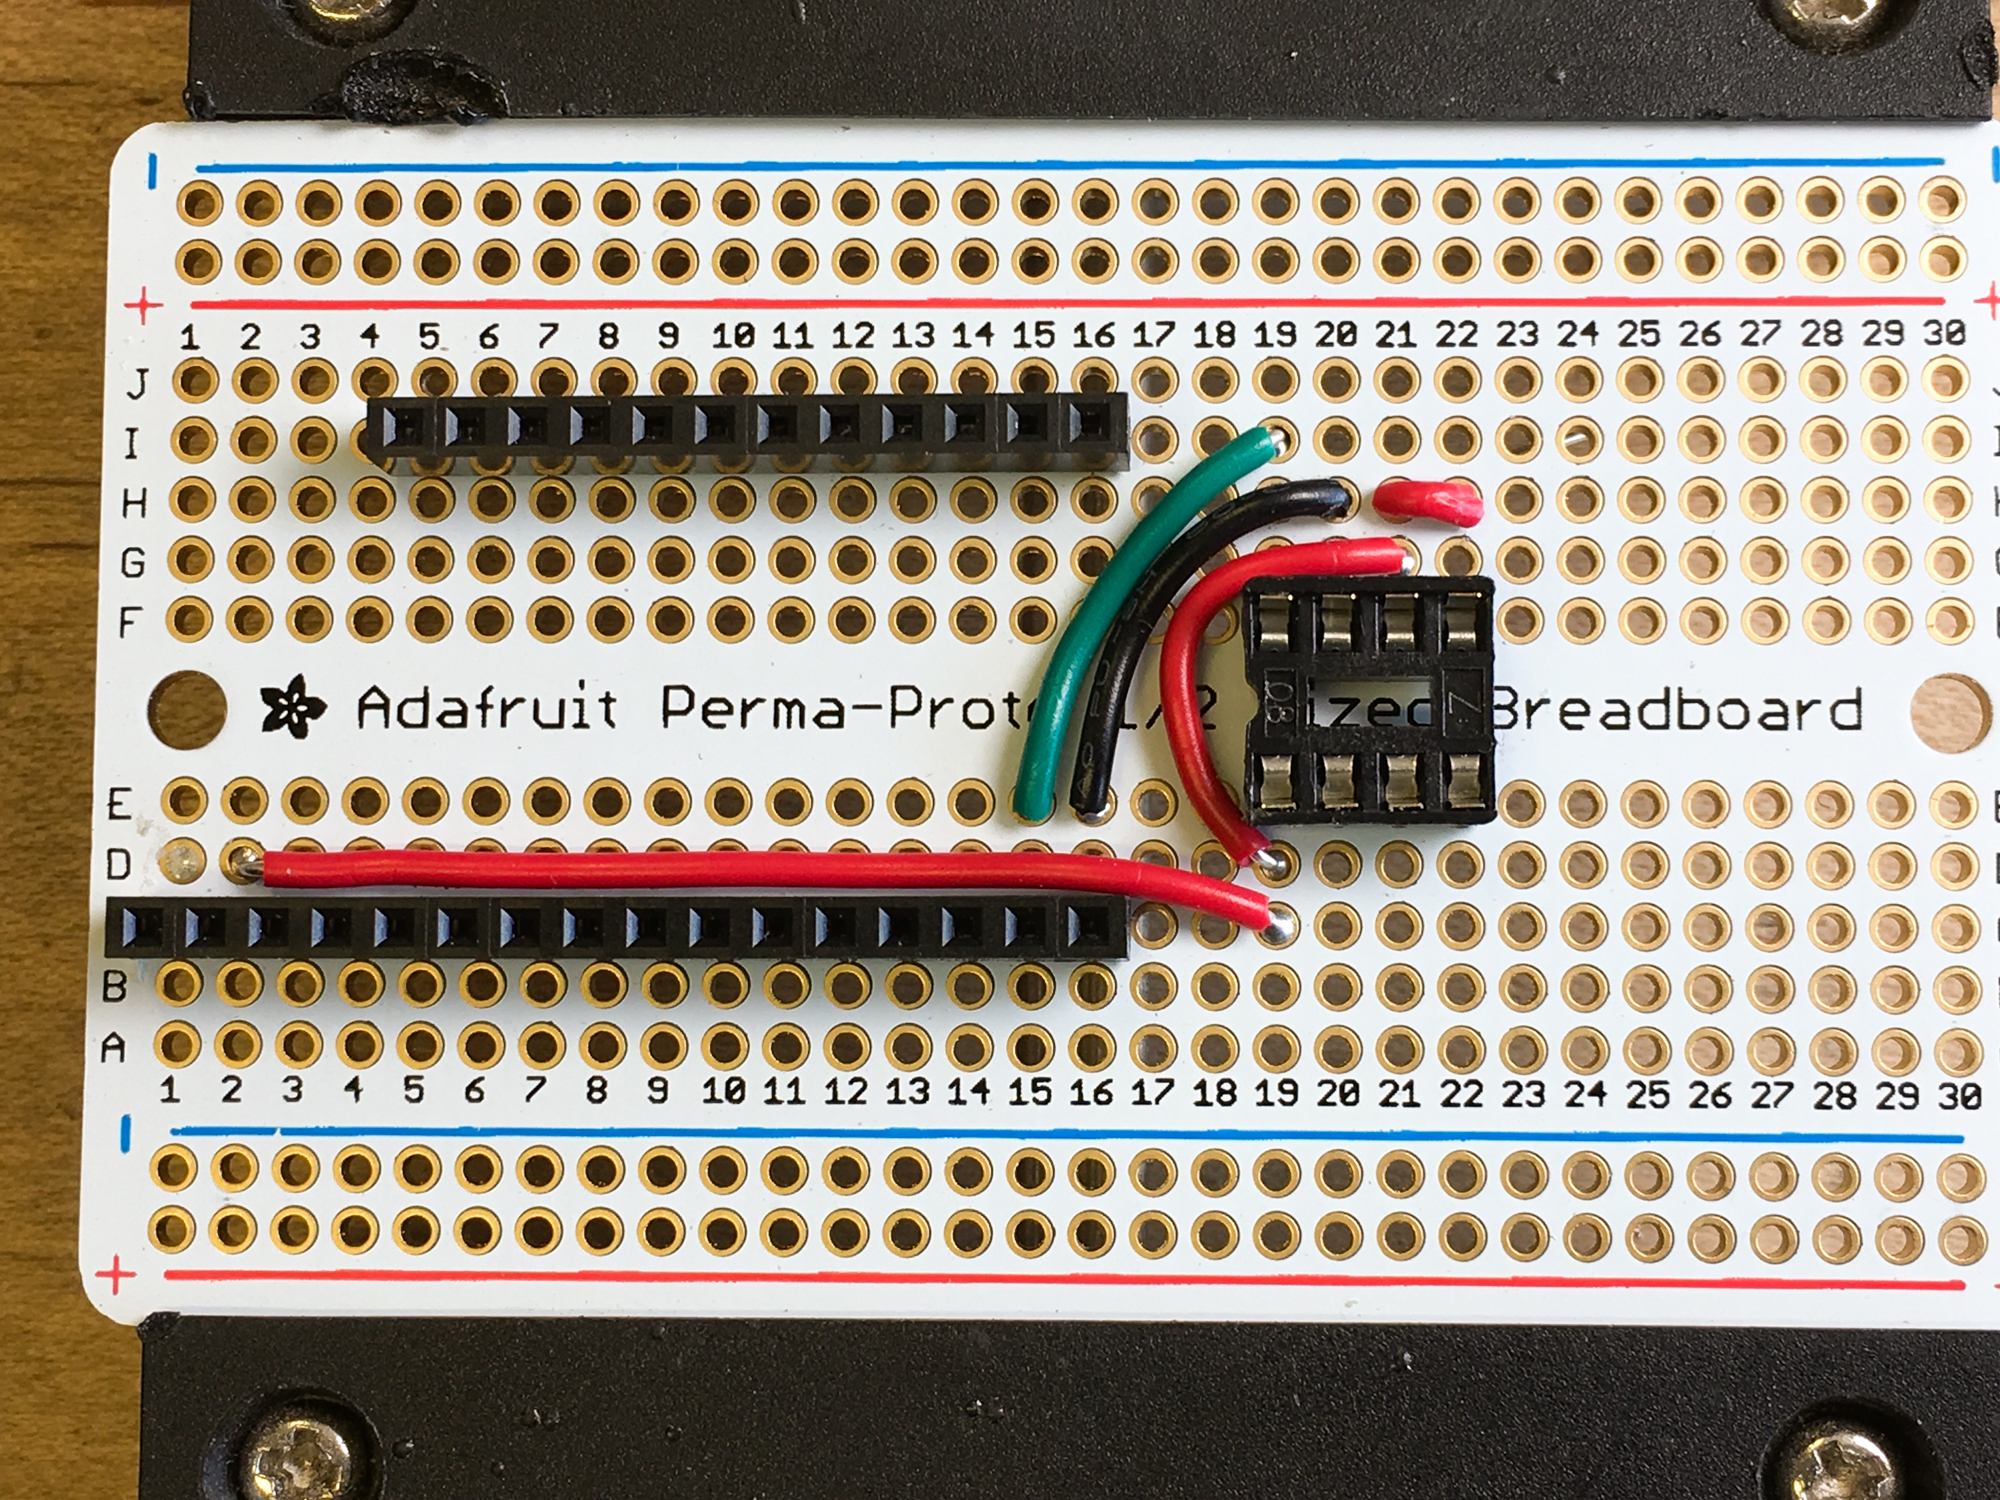 microcontrollers_IMG_1768_2k.jpg